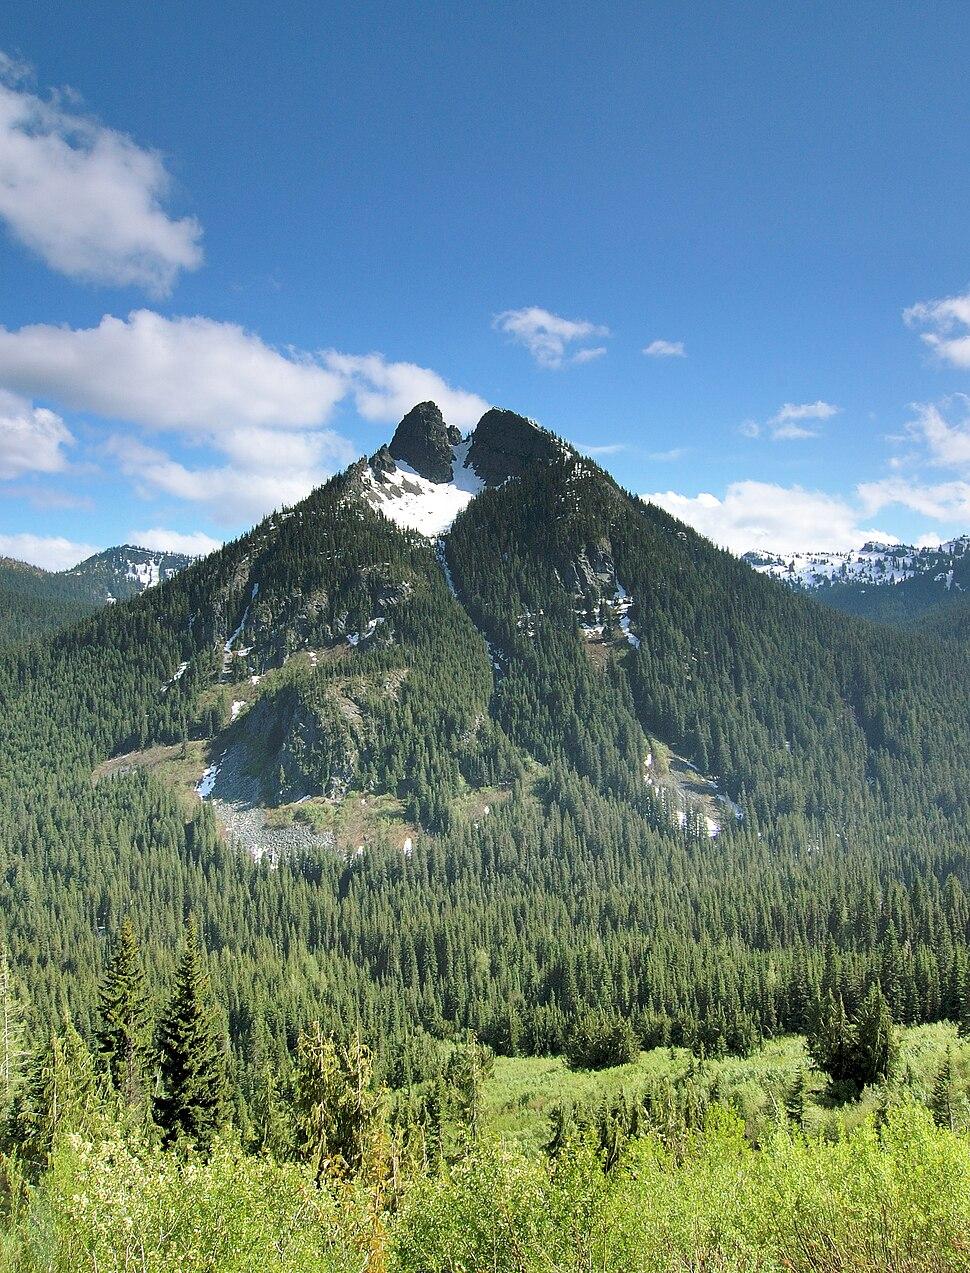 William O. Douglas Wilderness